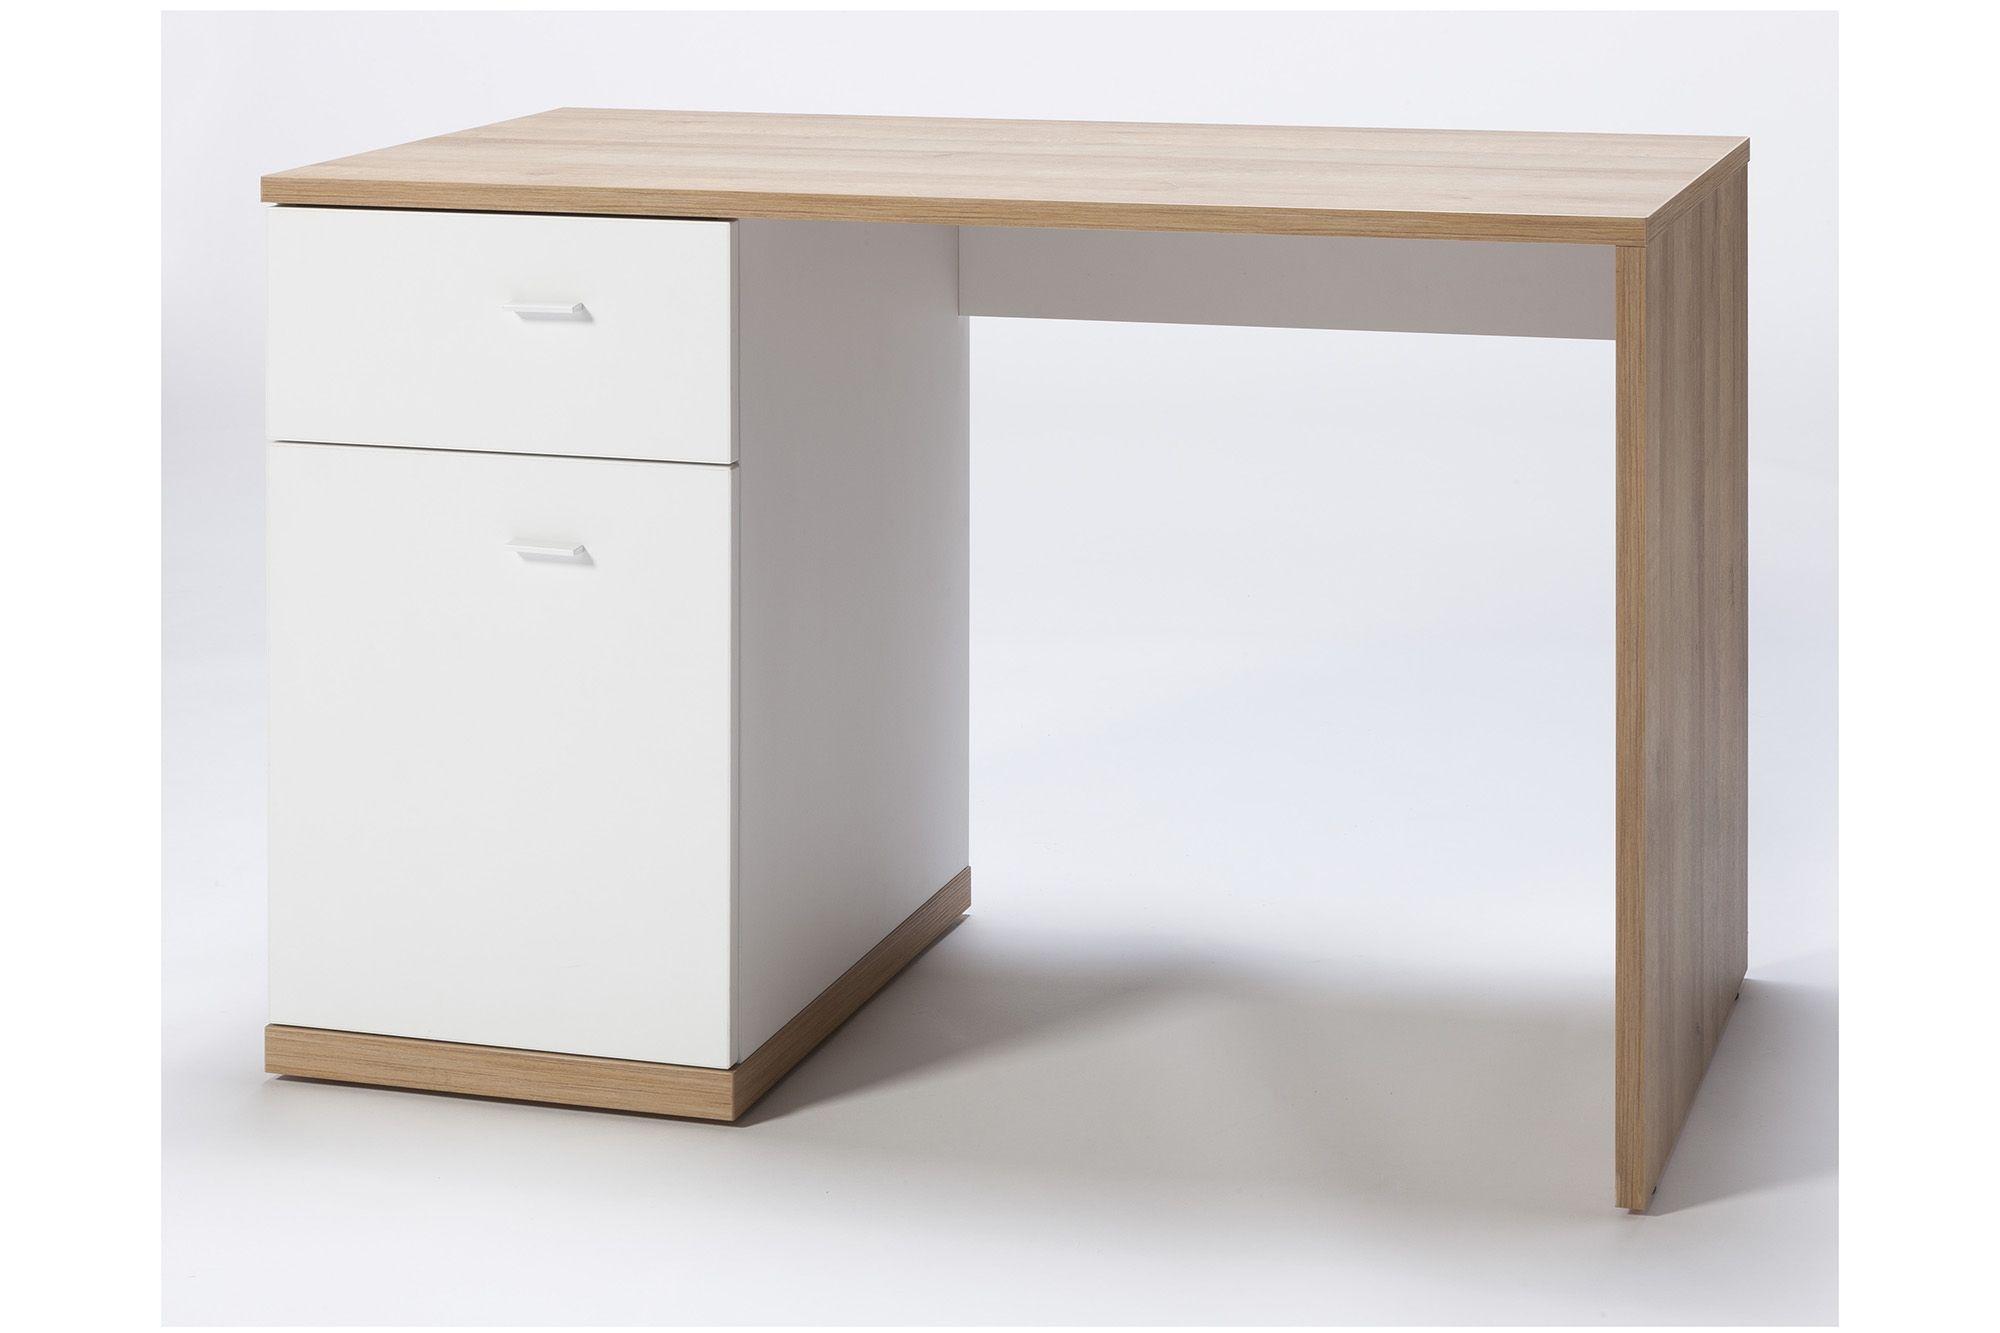 00774465 - scrivania ludo - nuovarredo.it #ufficio #scrivania #white